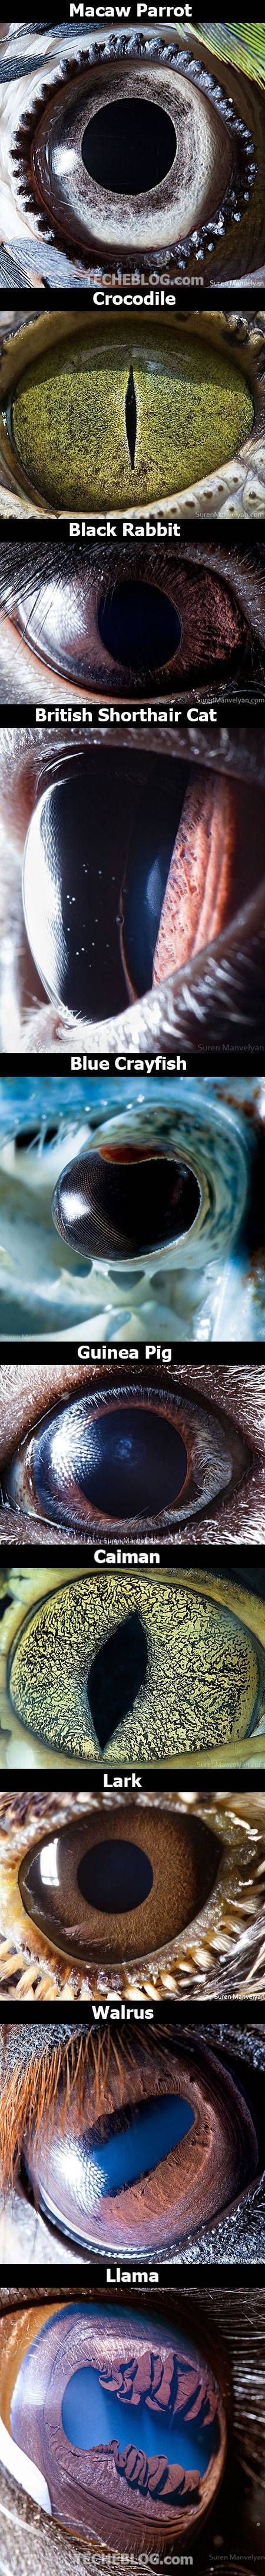 Macro fotografías de ojos de animales.